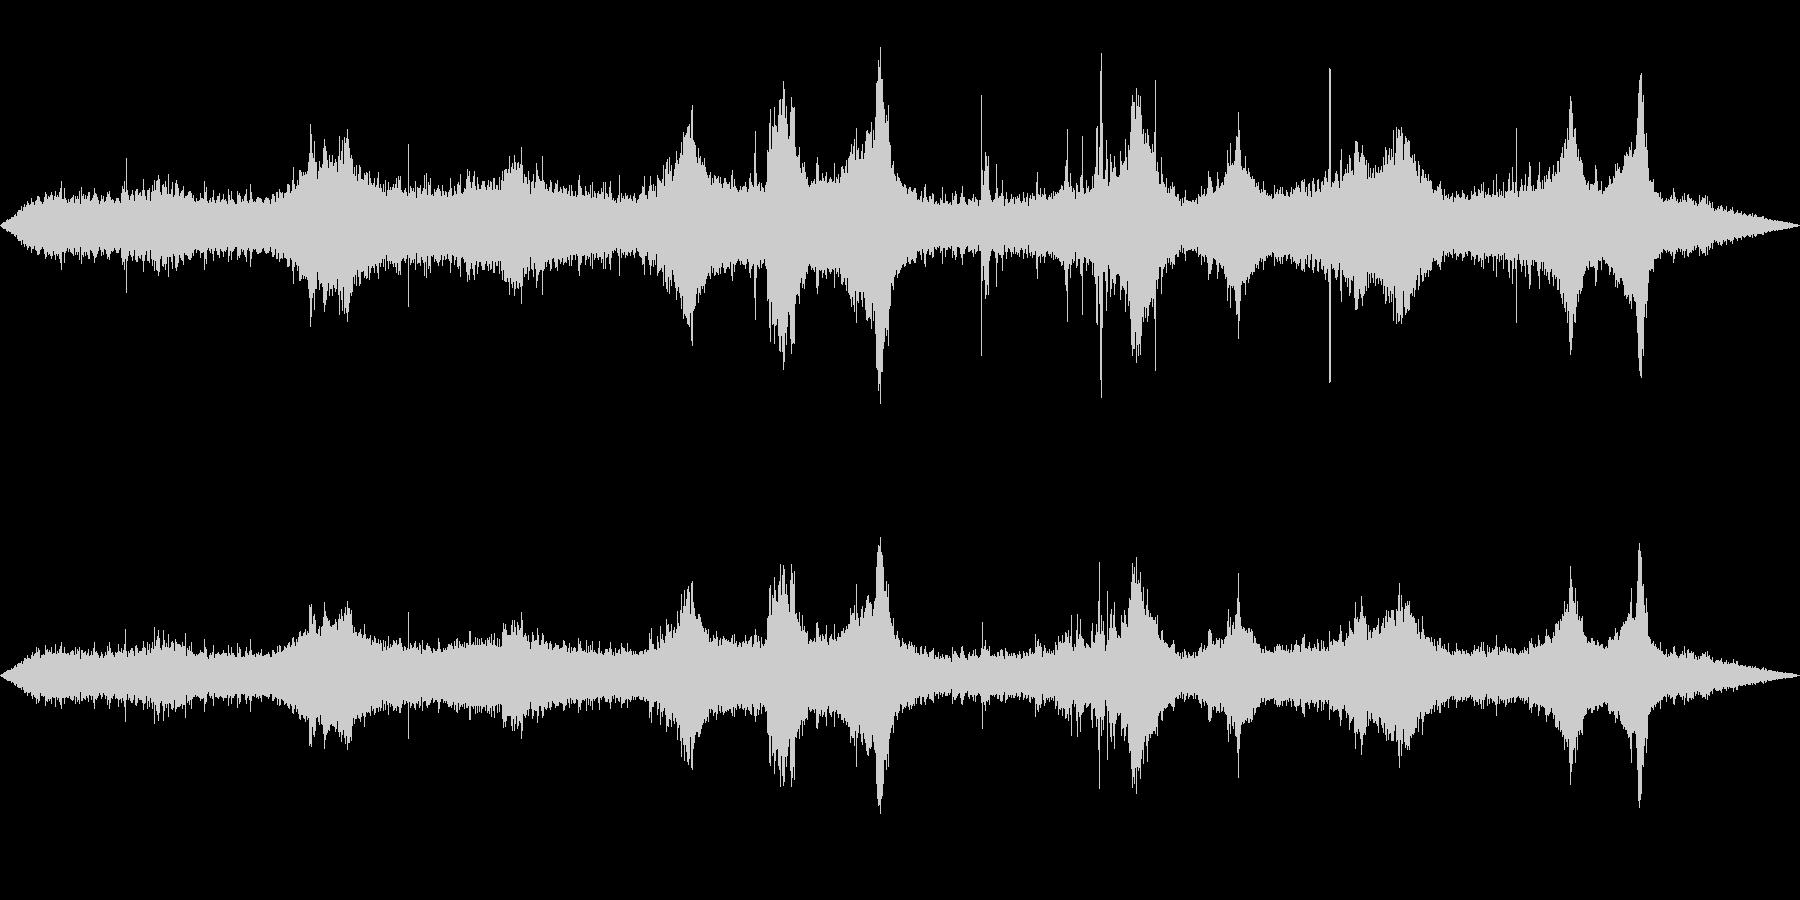 環境音-雨(窓から外を見るイメージ1)の未再生の波形